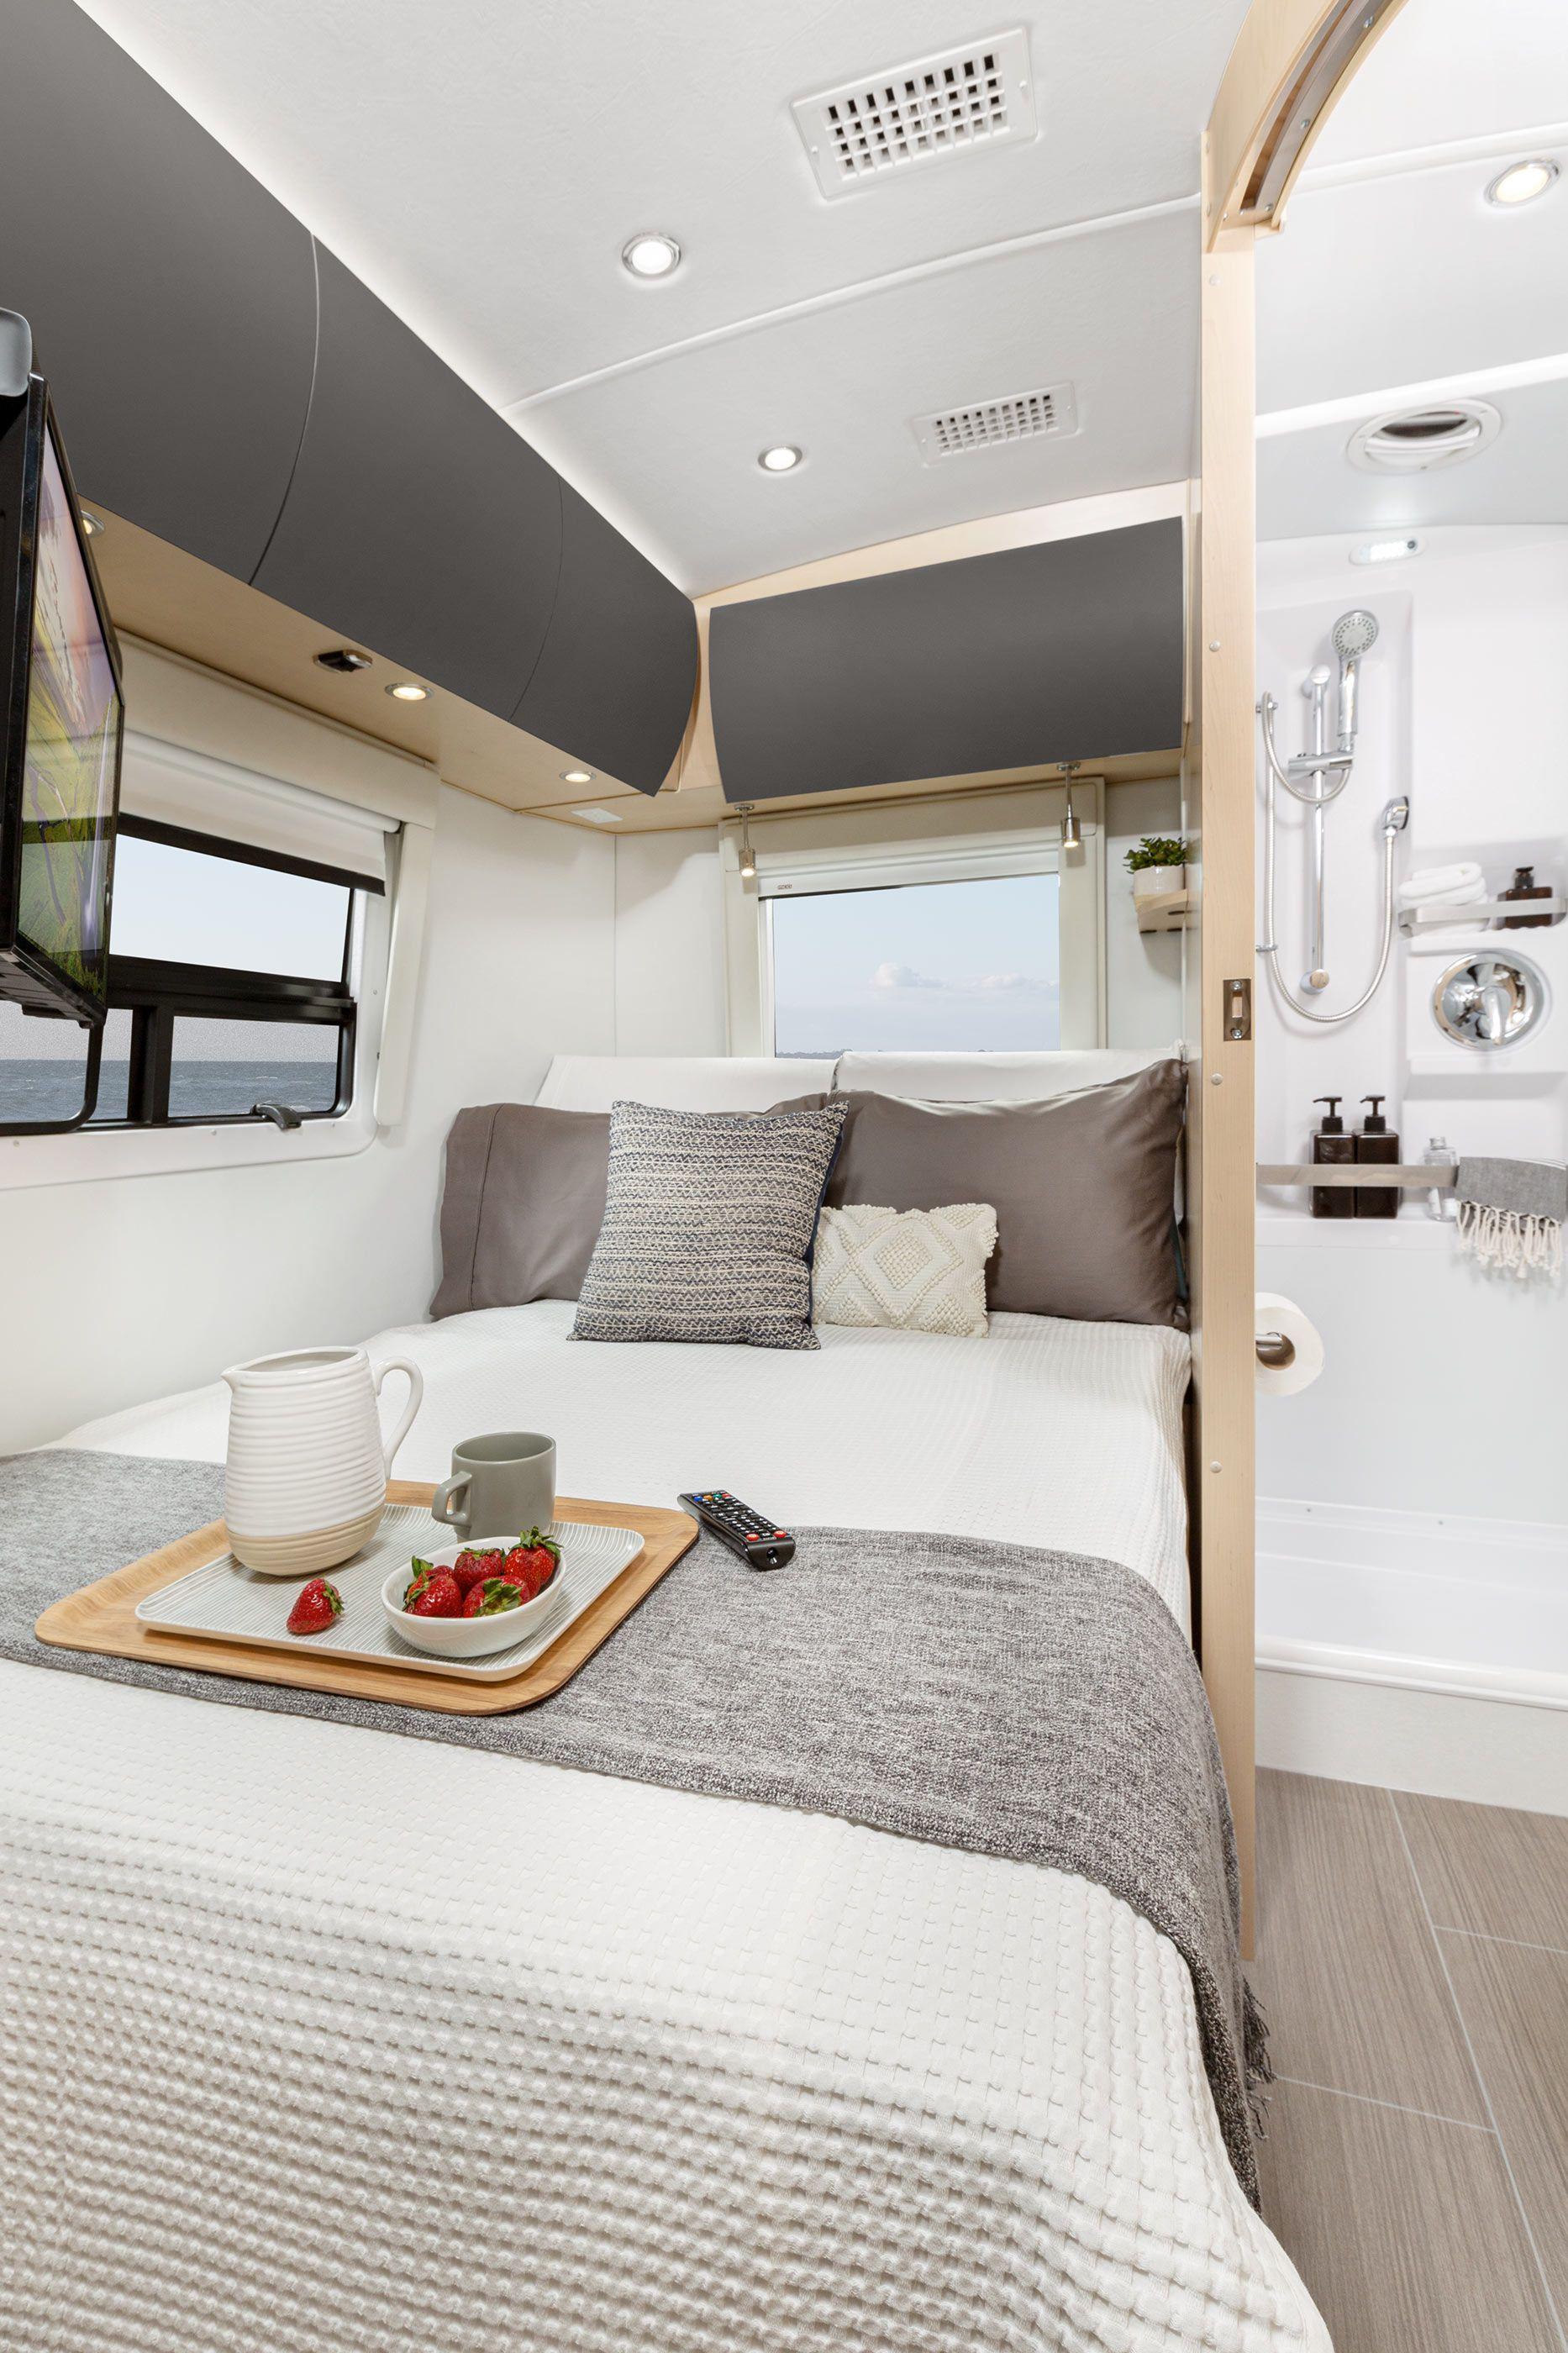 Serenity Photo Gallery in 2020 Leisure travel vans